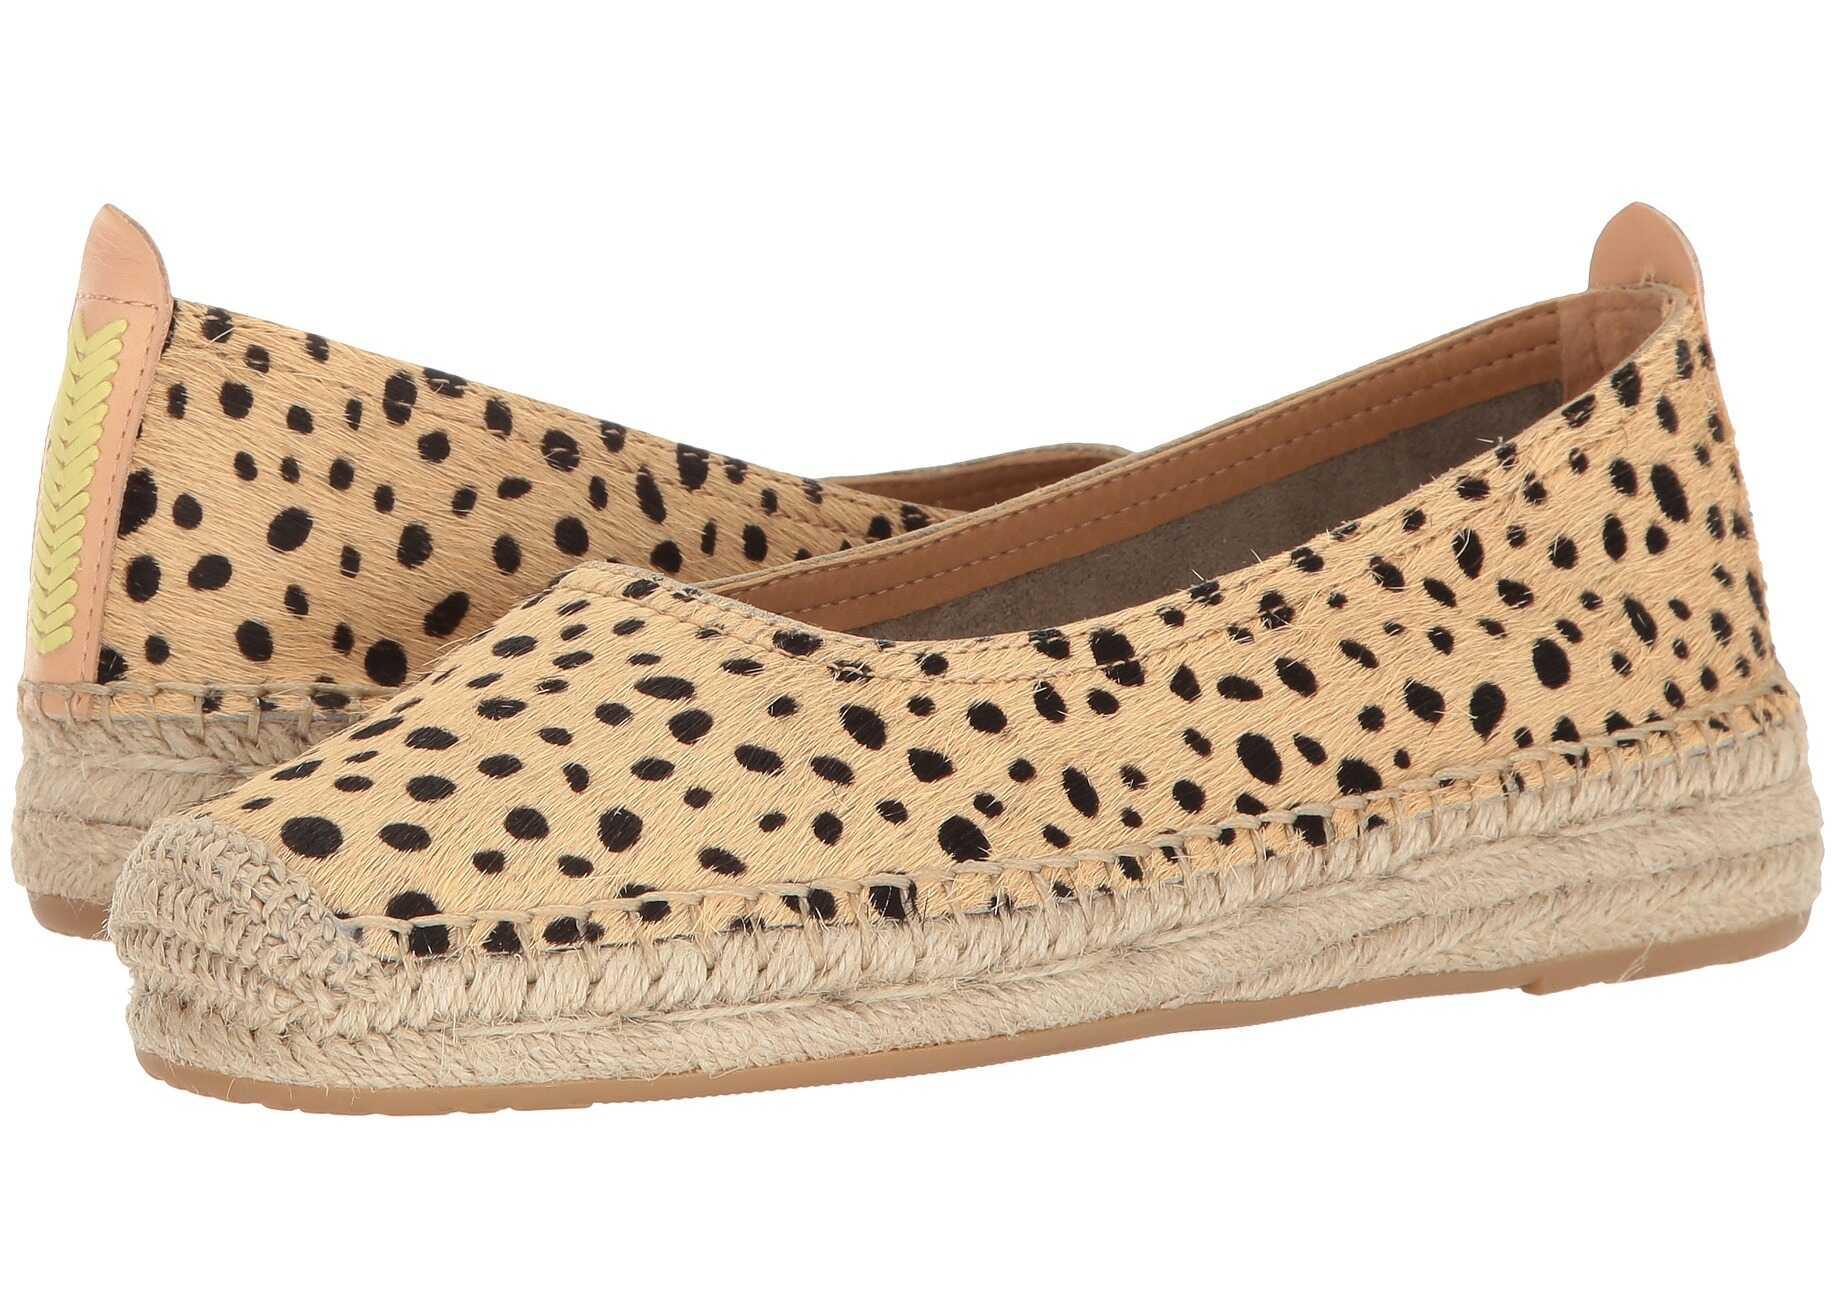 Dolce Vita Taya Leopard Calf Hair